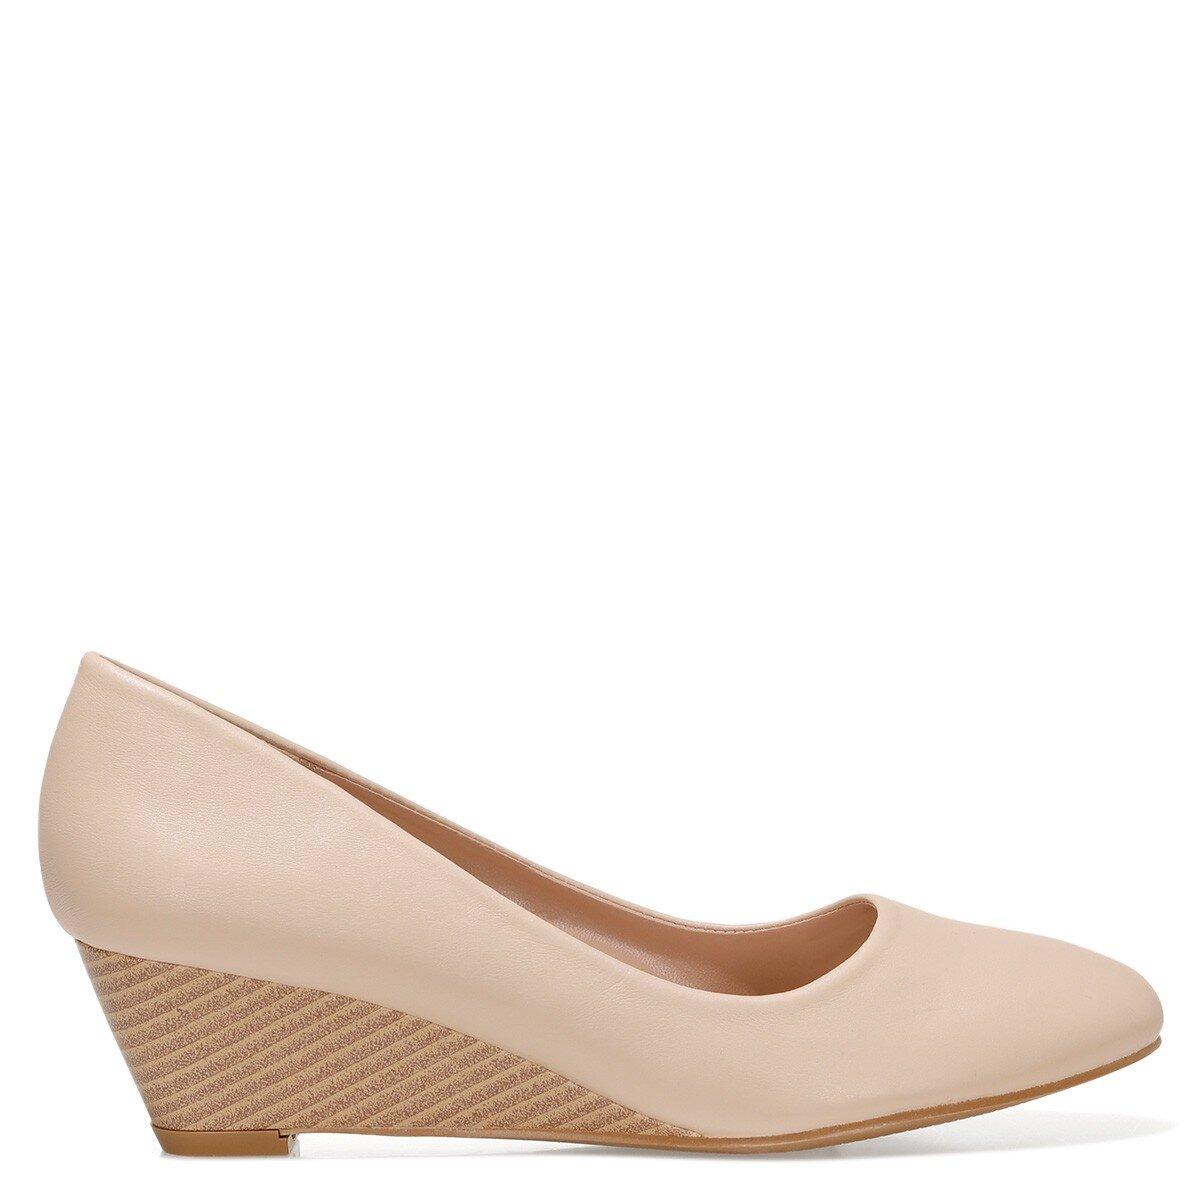 LICLA2 1FX NUDE Kadın Dolgu Topuk Ayakkabı